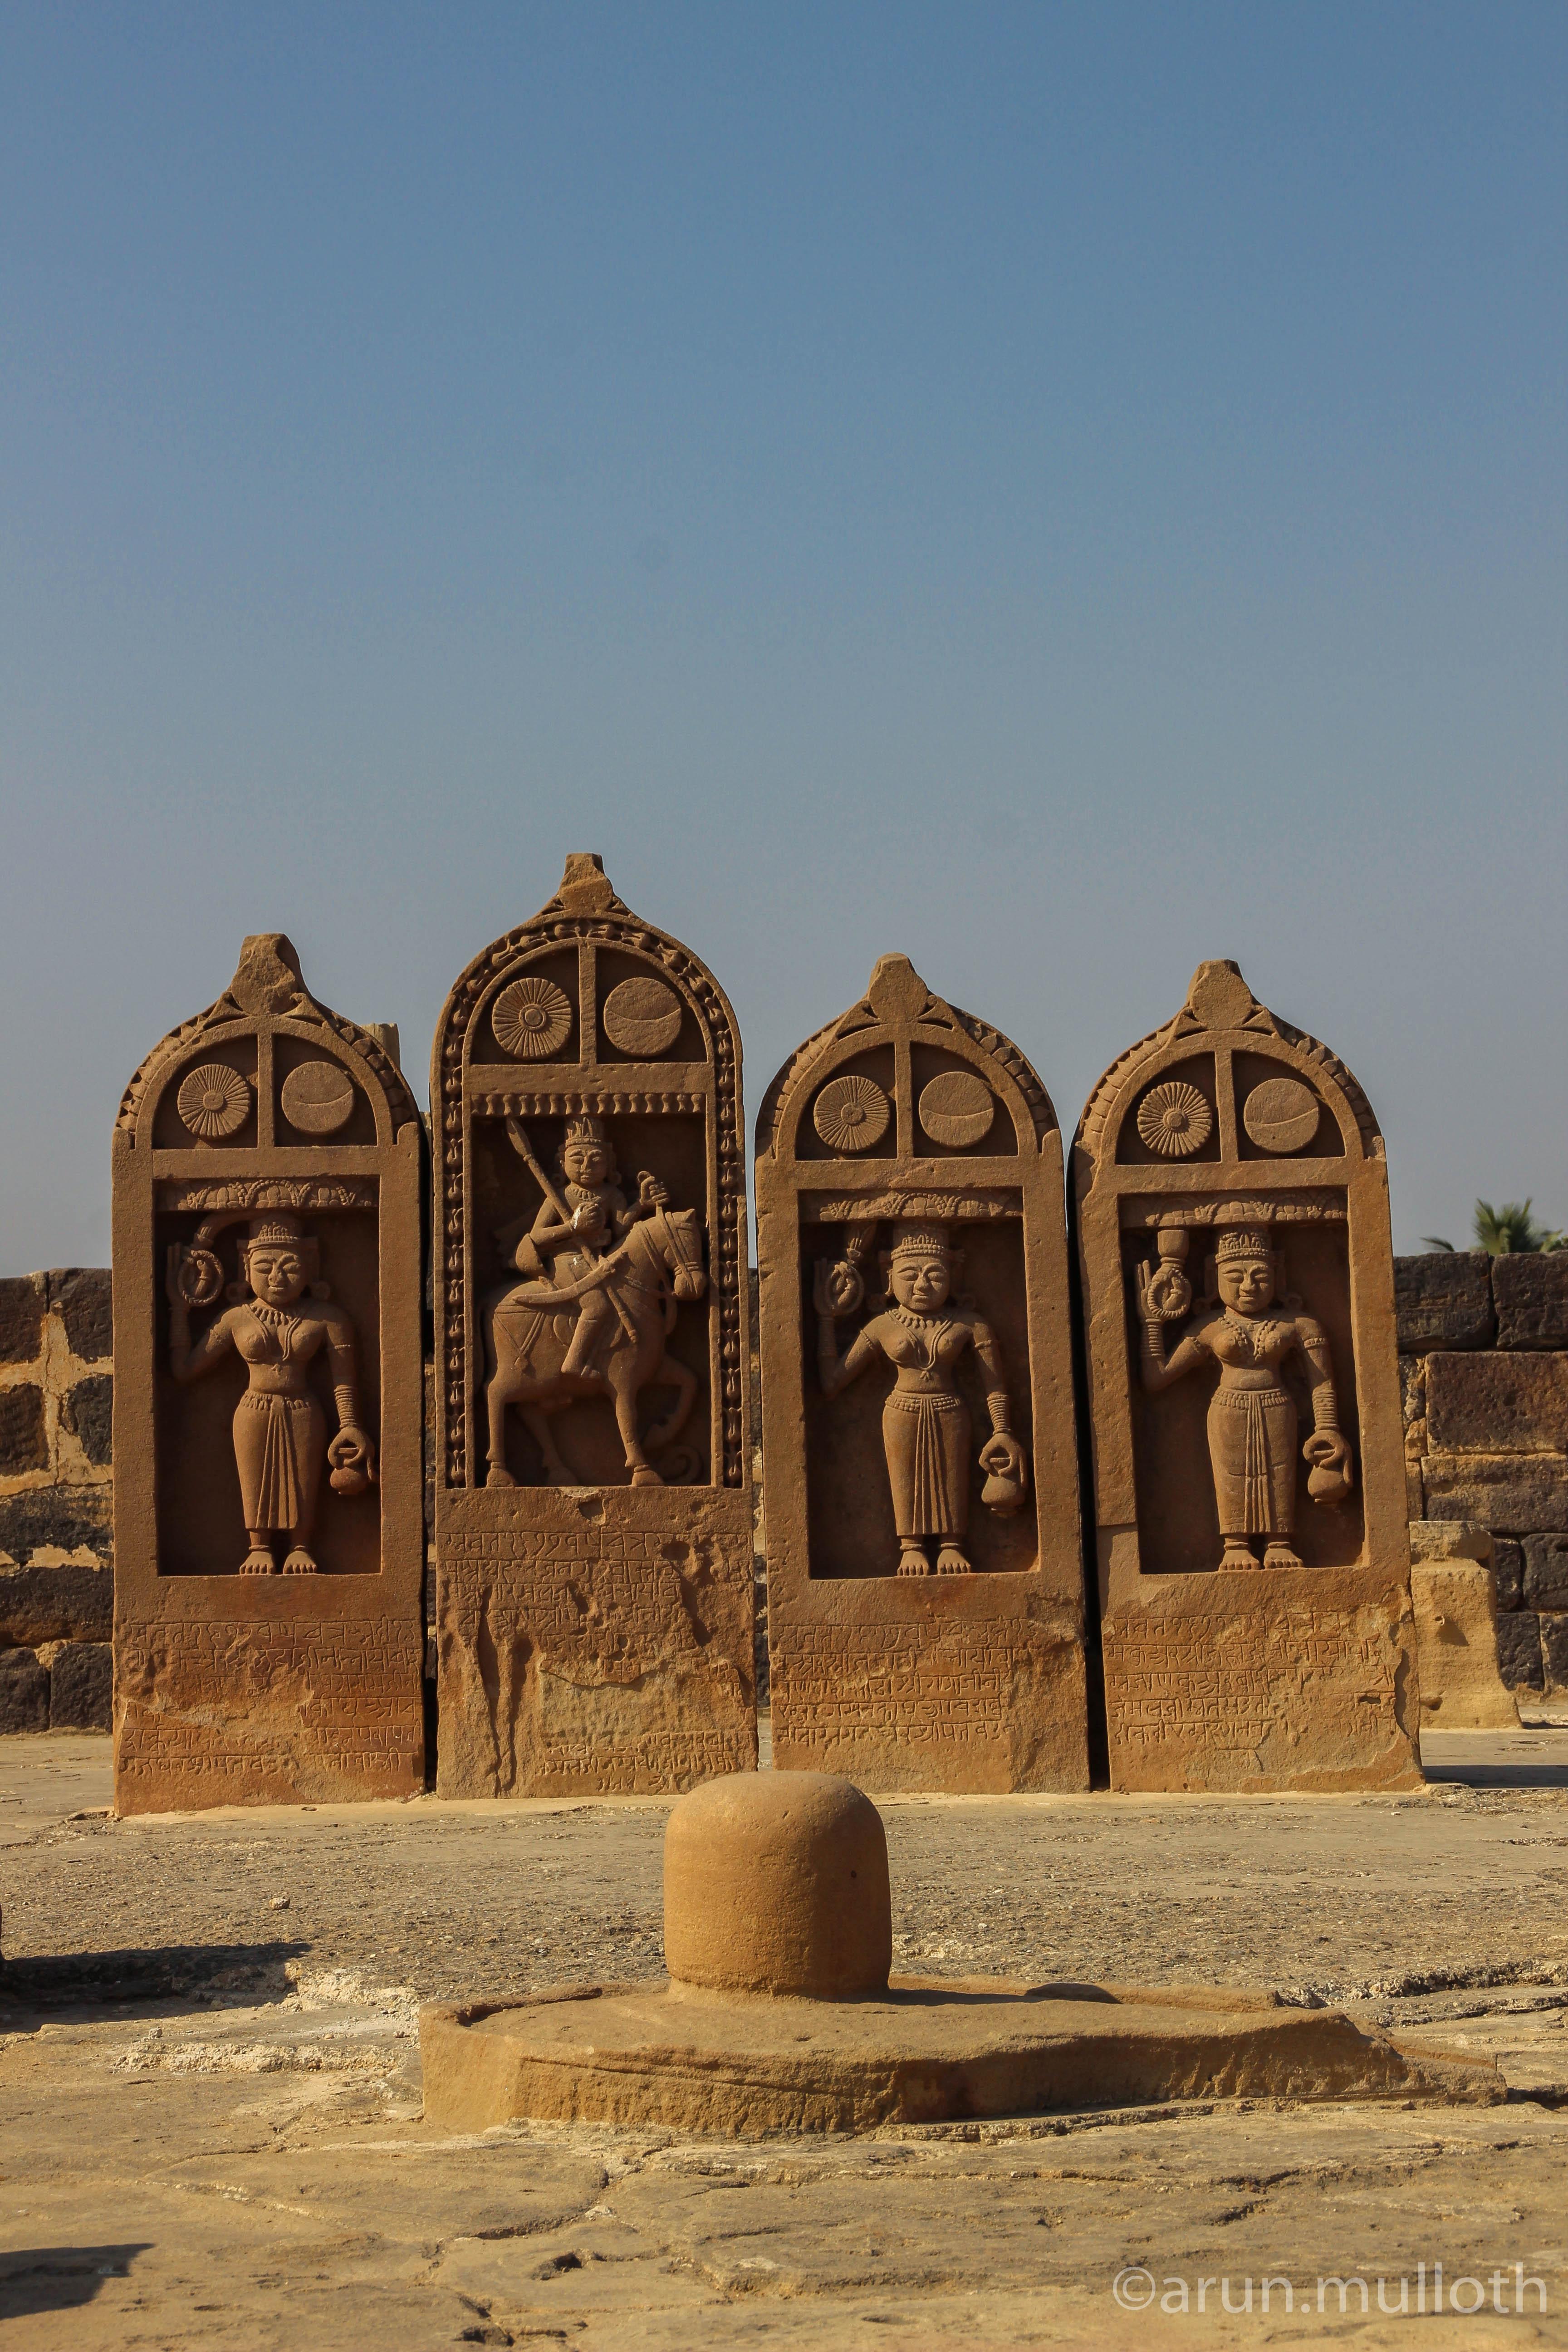 Cenotaphs at Chhatedi, Bhuj